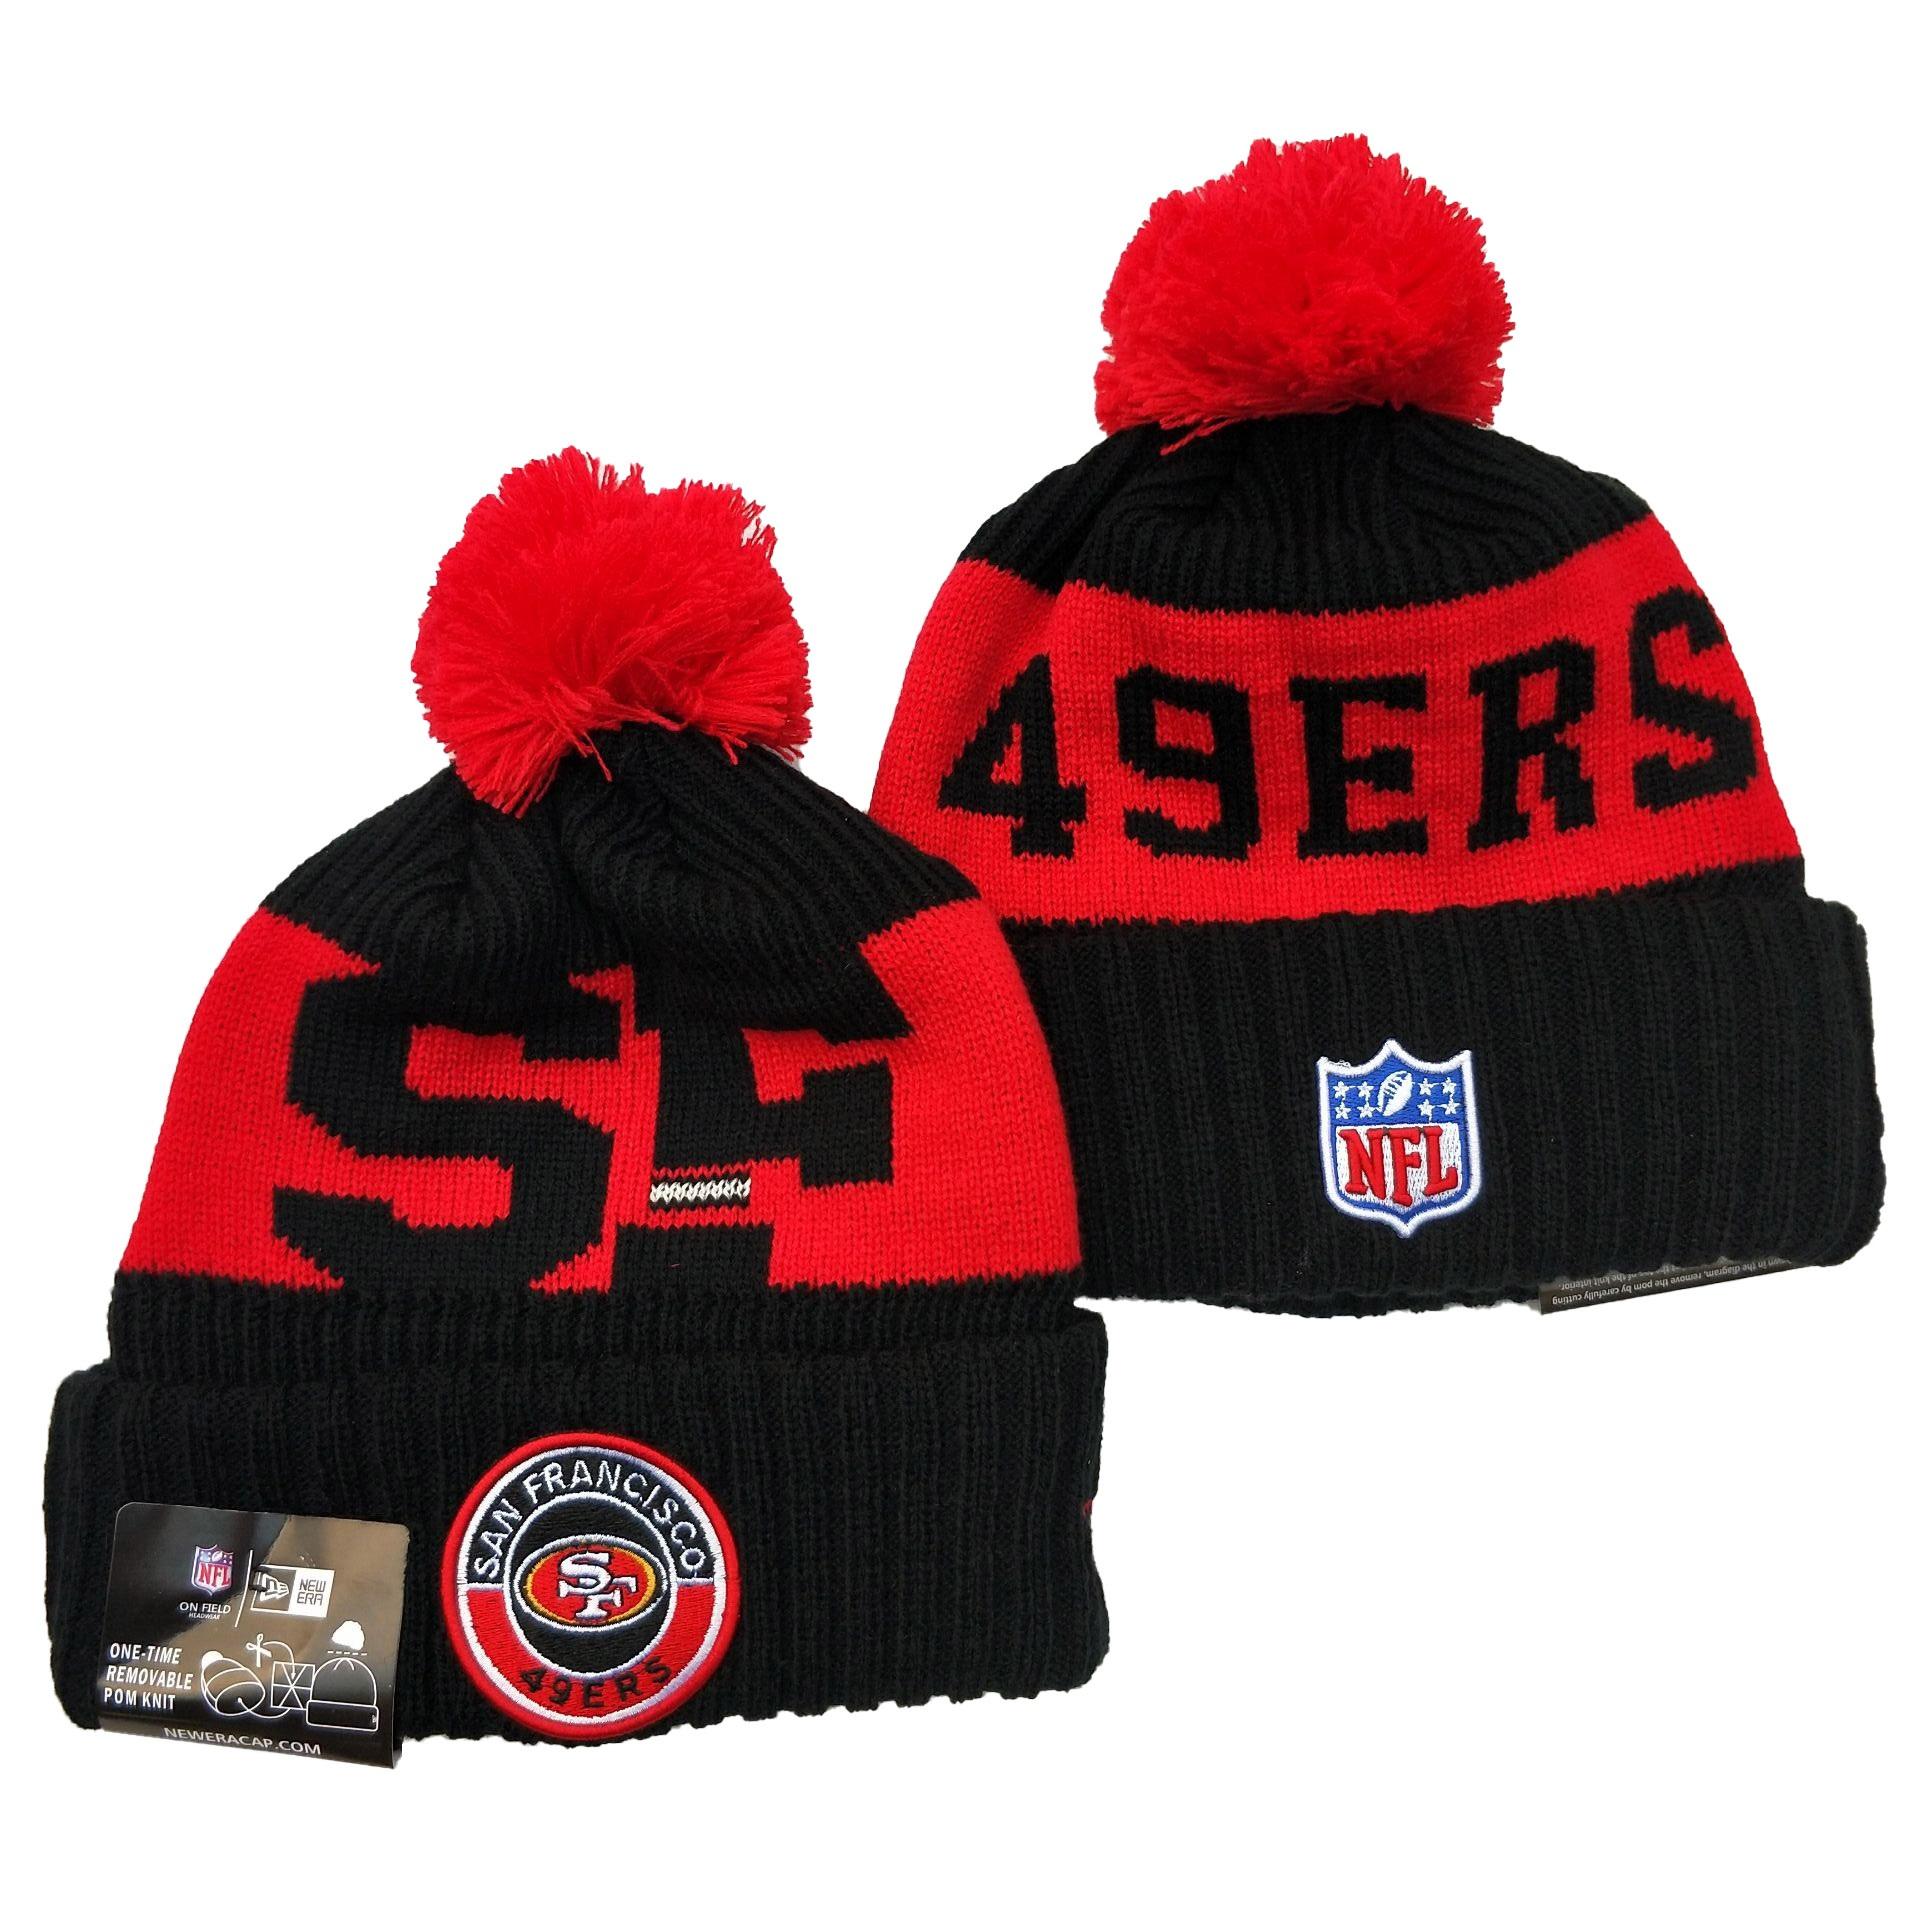 49ers Team Logo Black Red 2020 NFL Sideline Pom Cuffed Knit Hat YD